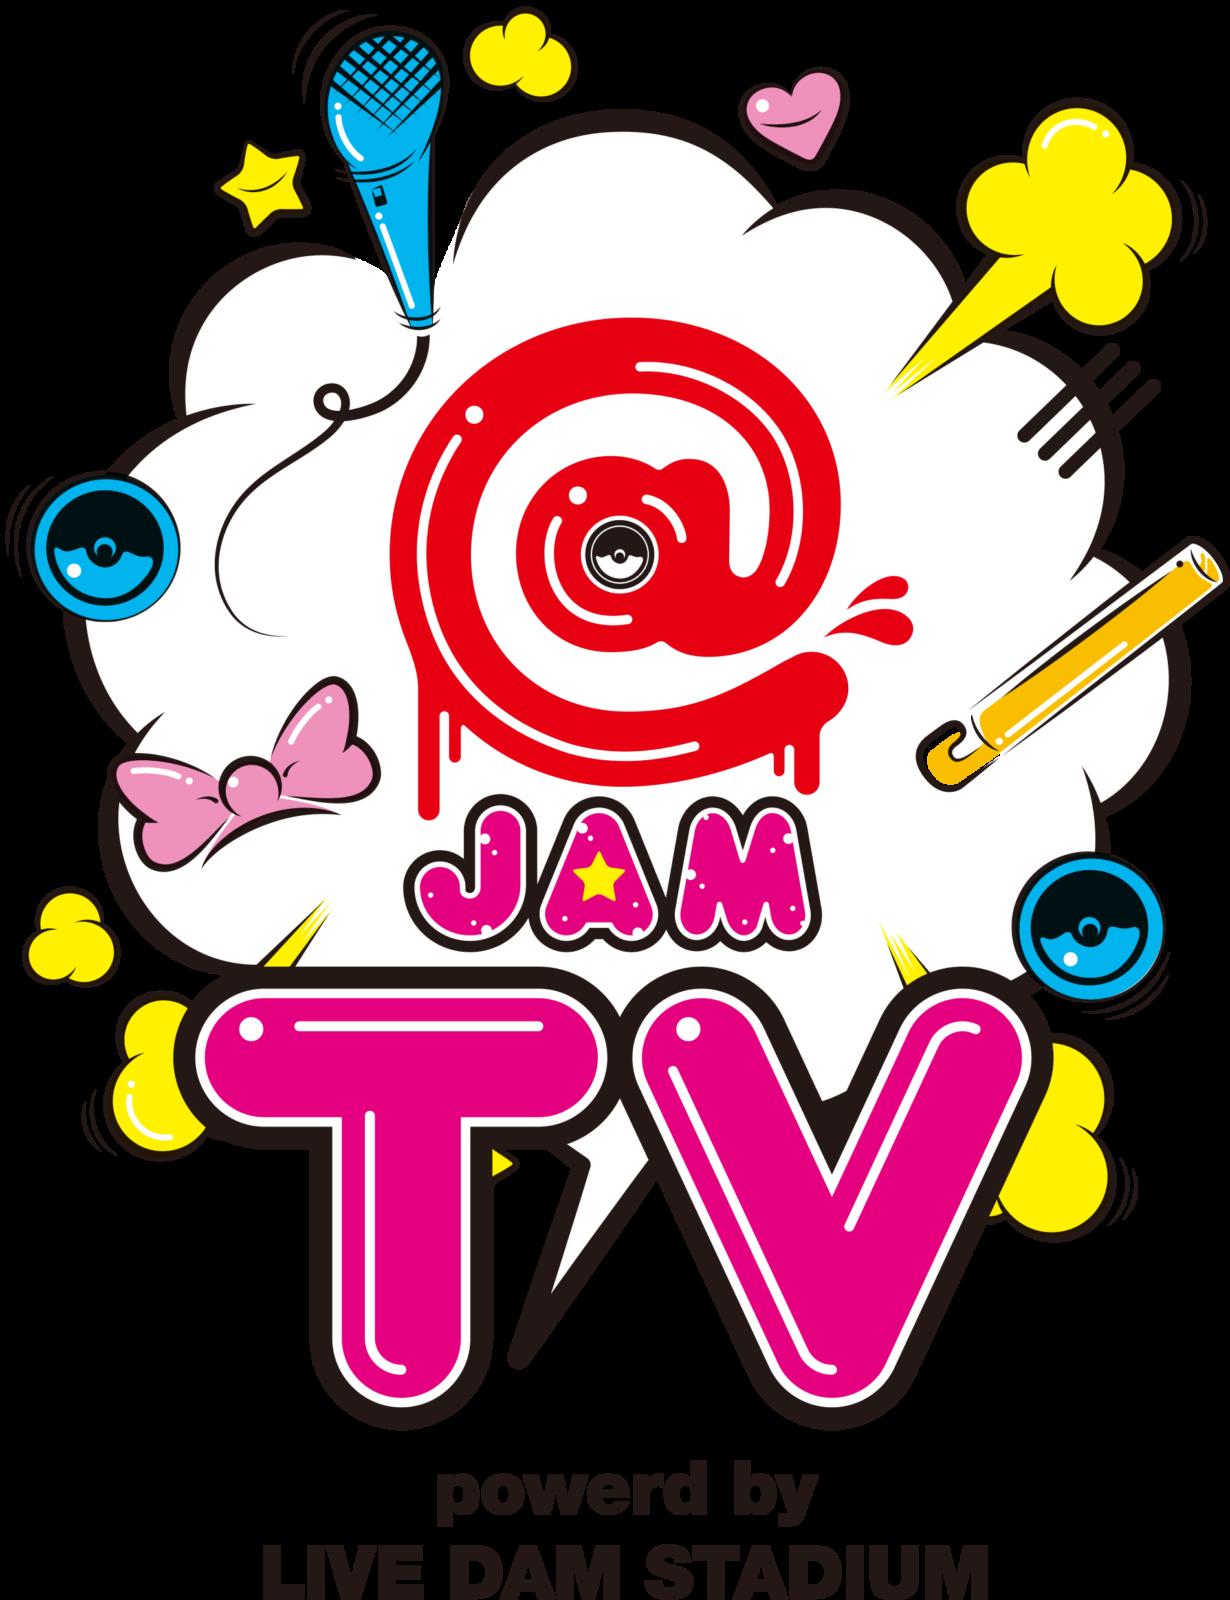 新番組「@JAM TV powerd by LIVE DAM STADIUM」放送決定サムネイル画像